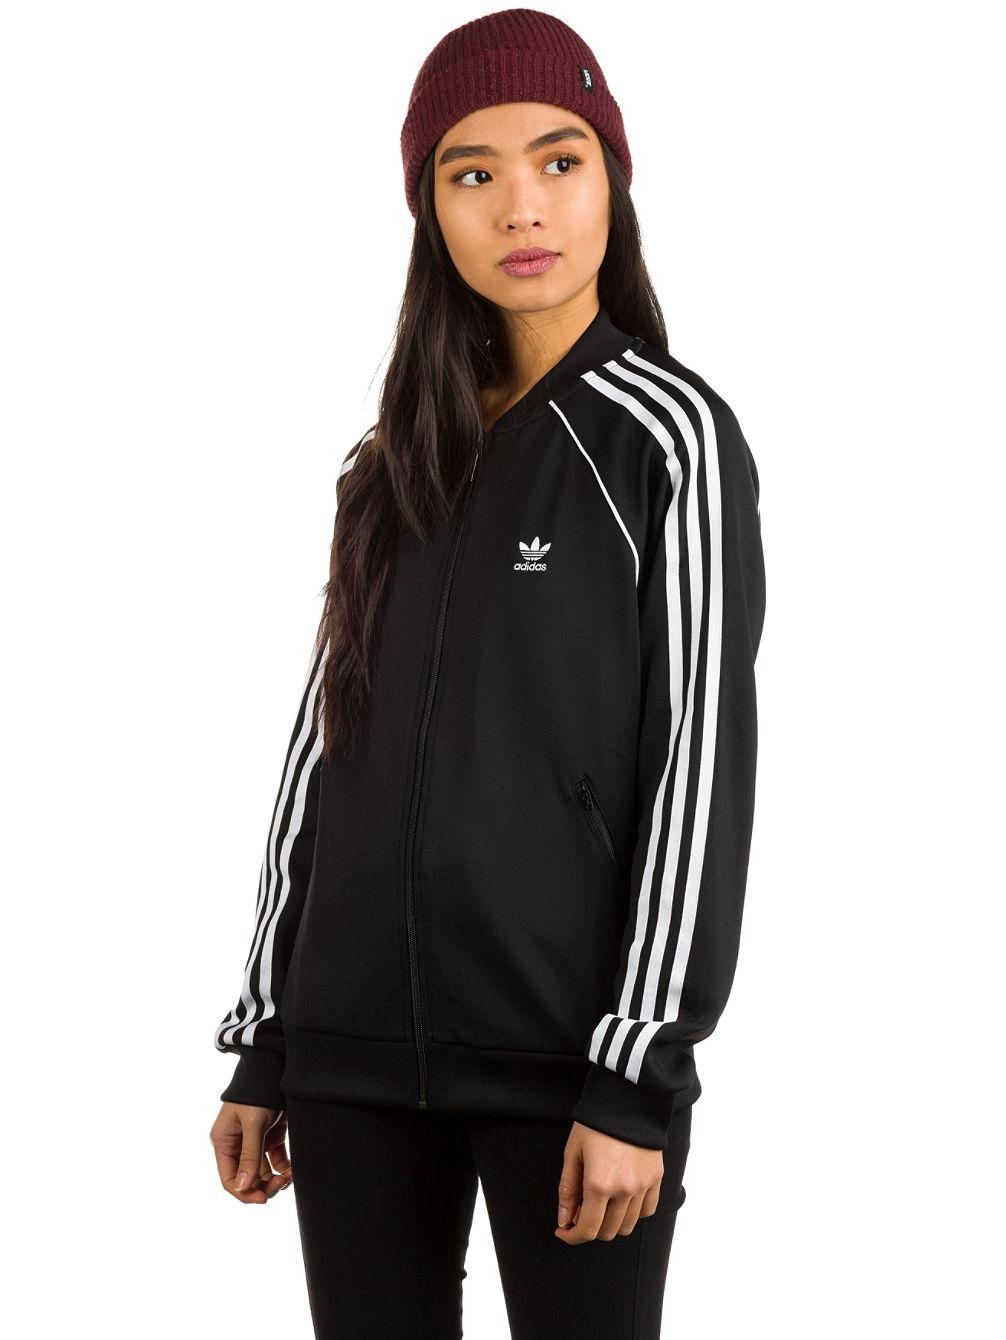 430b38ff325c4 Buy adidas Originals SST TT Jacket online at Blue Tomato